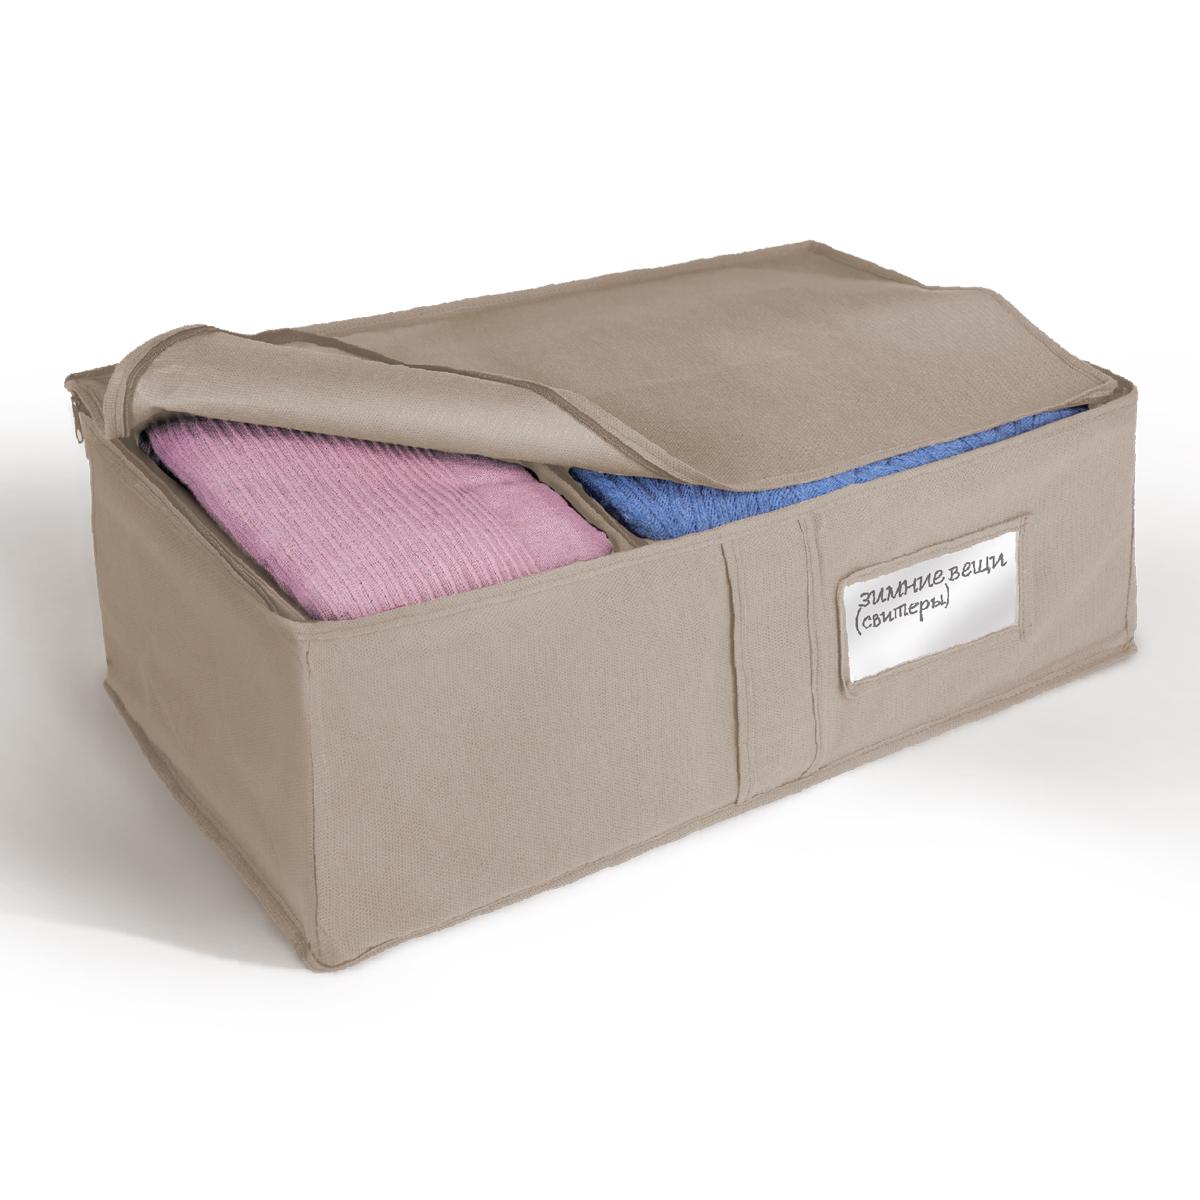 Кофр для хранения Miolla, складной, цвет: бежевый, 60 х 30 х 20 смS03301004Компактный складной кофр Miolla изготовлен из высококачественного нетканого материала, который обеспечивает естественную вентиляцию, позволяя воздуху проникать внутрь, но не пропускает пыль. Изделие закрывается на молнию.